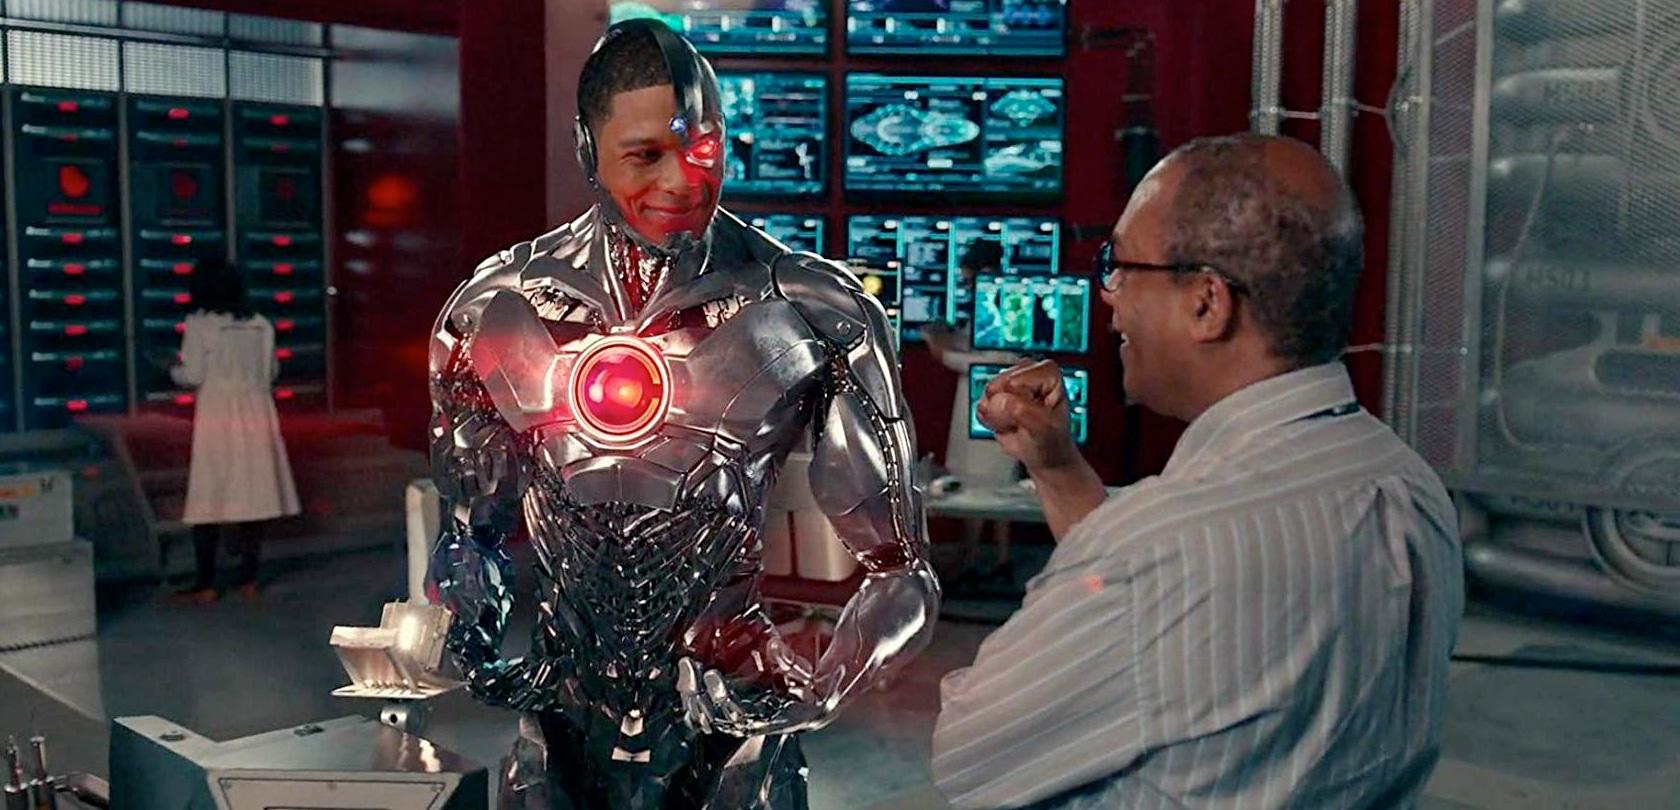 El universo DC entra en una nueva batalla, esta vez protagonizada por Cyborg.